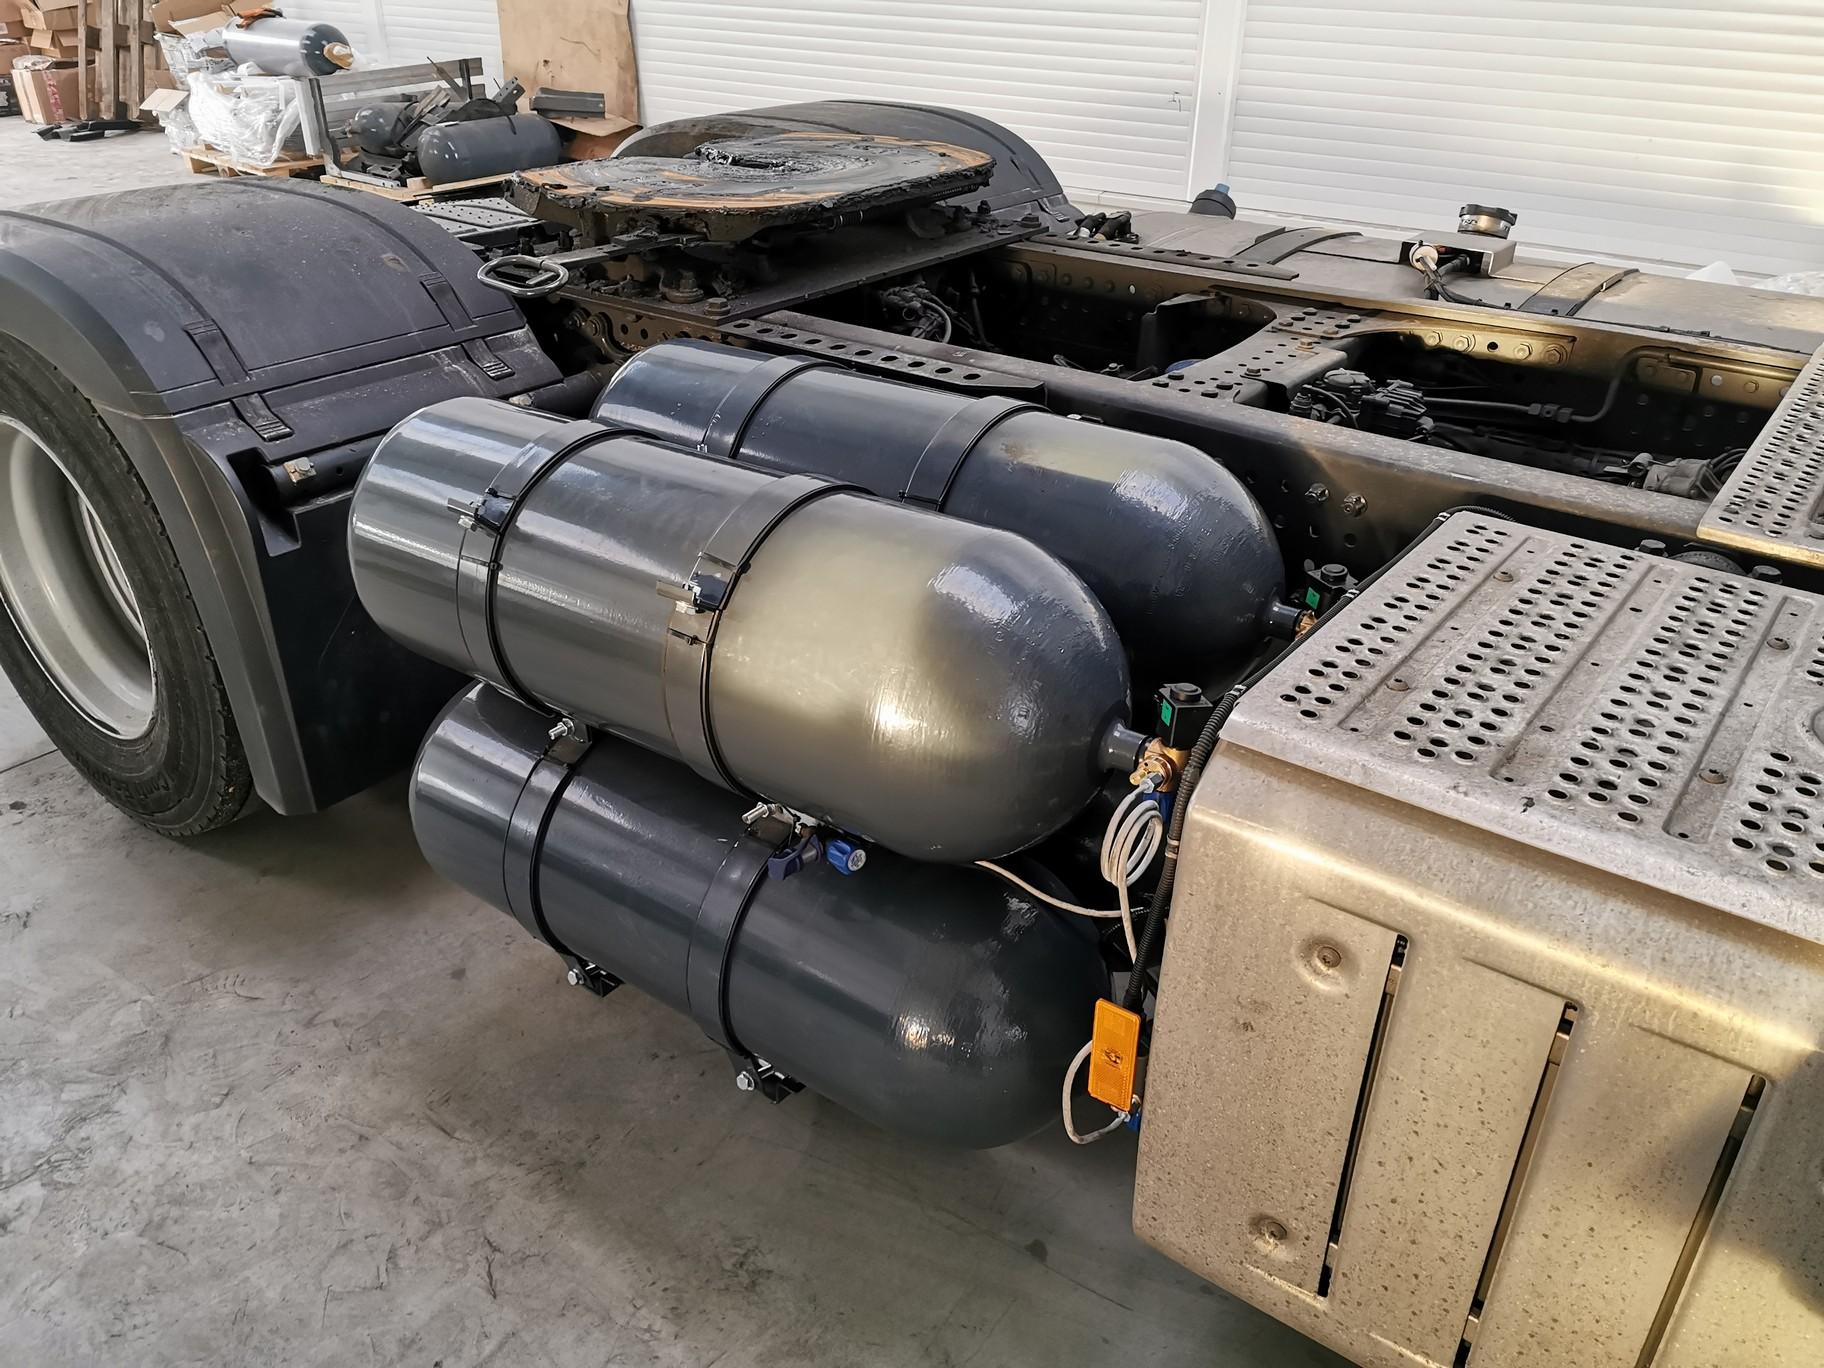 Diesel CNG montáž zkušenými profesionály je garancí spolehlivého provozu a jisté úspory